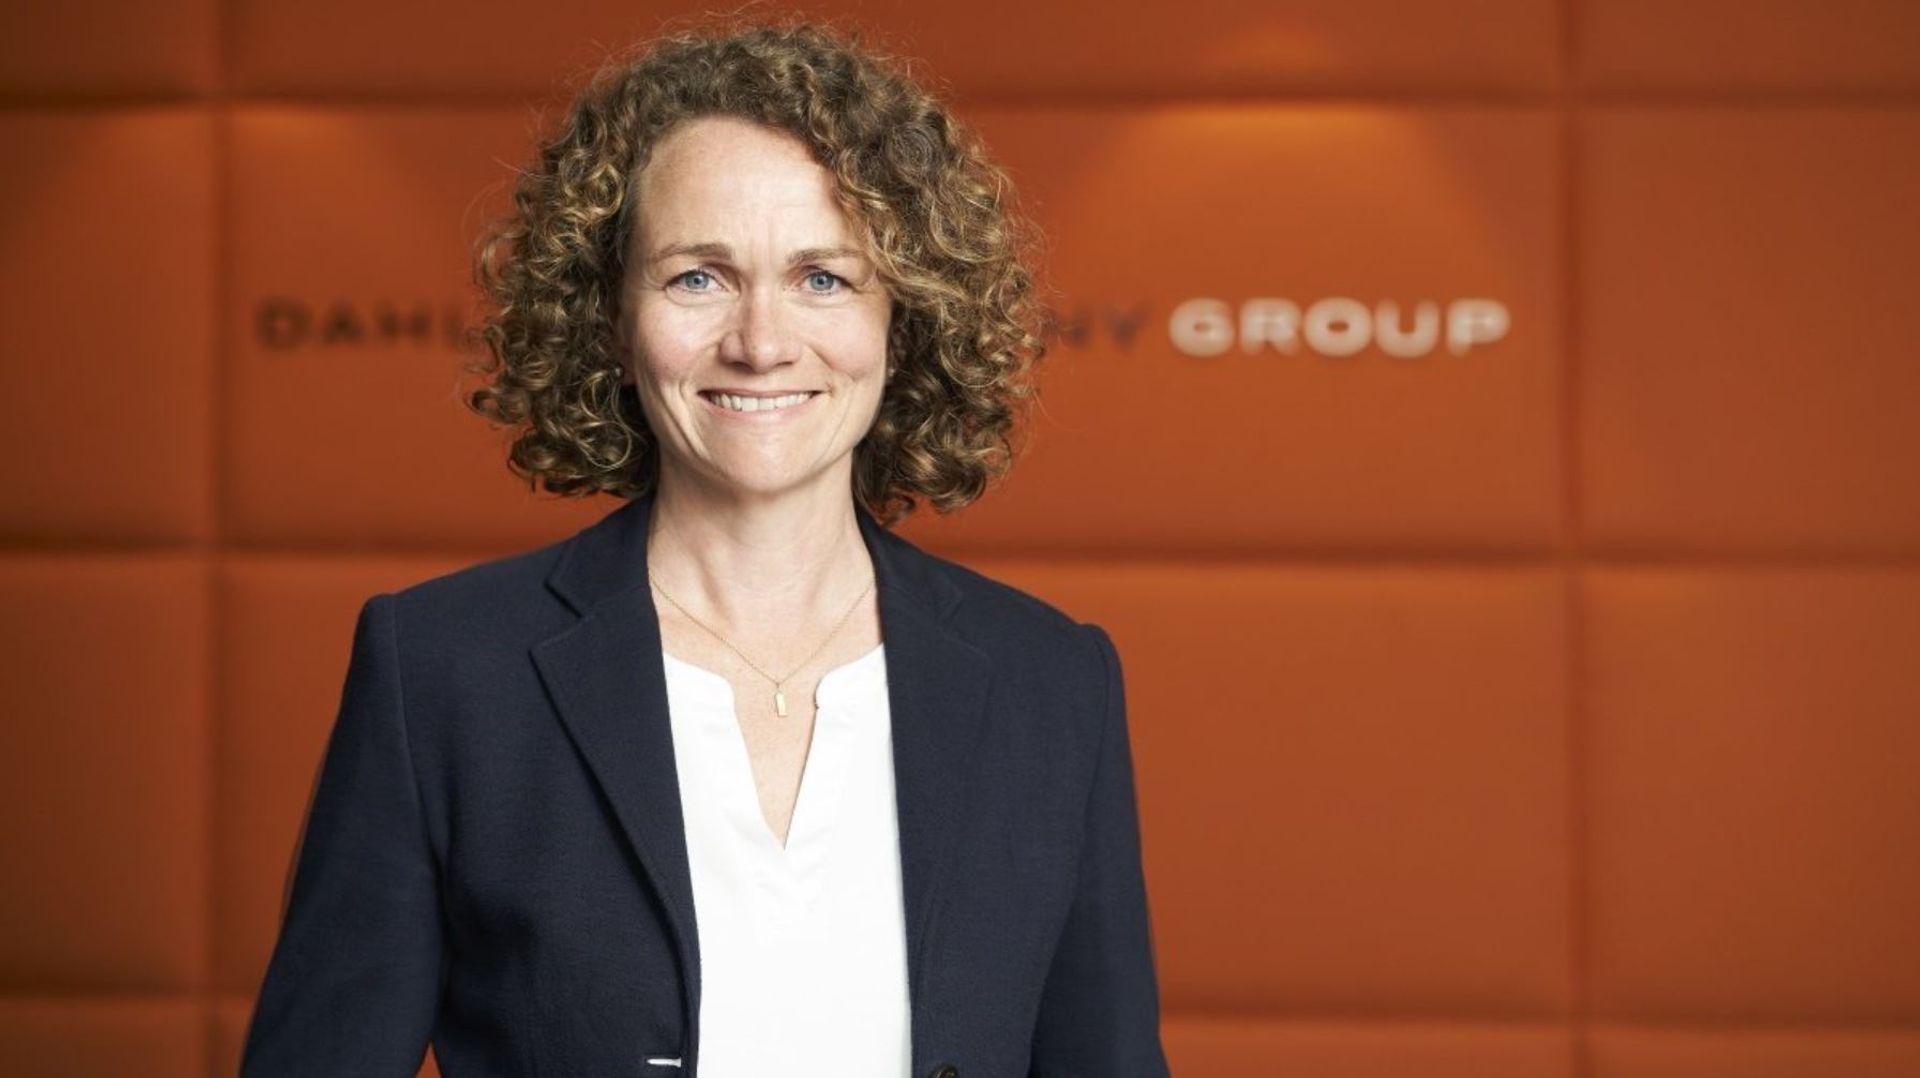 Die sechste Filiale für Nordrhein-Westfalen: DAHLER & COMPANY eröffnet neuen Standort in Bielefeld